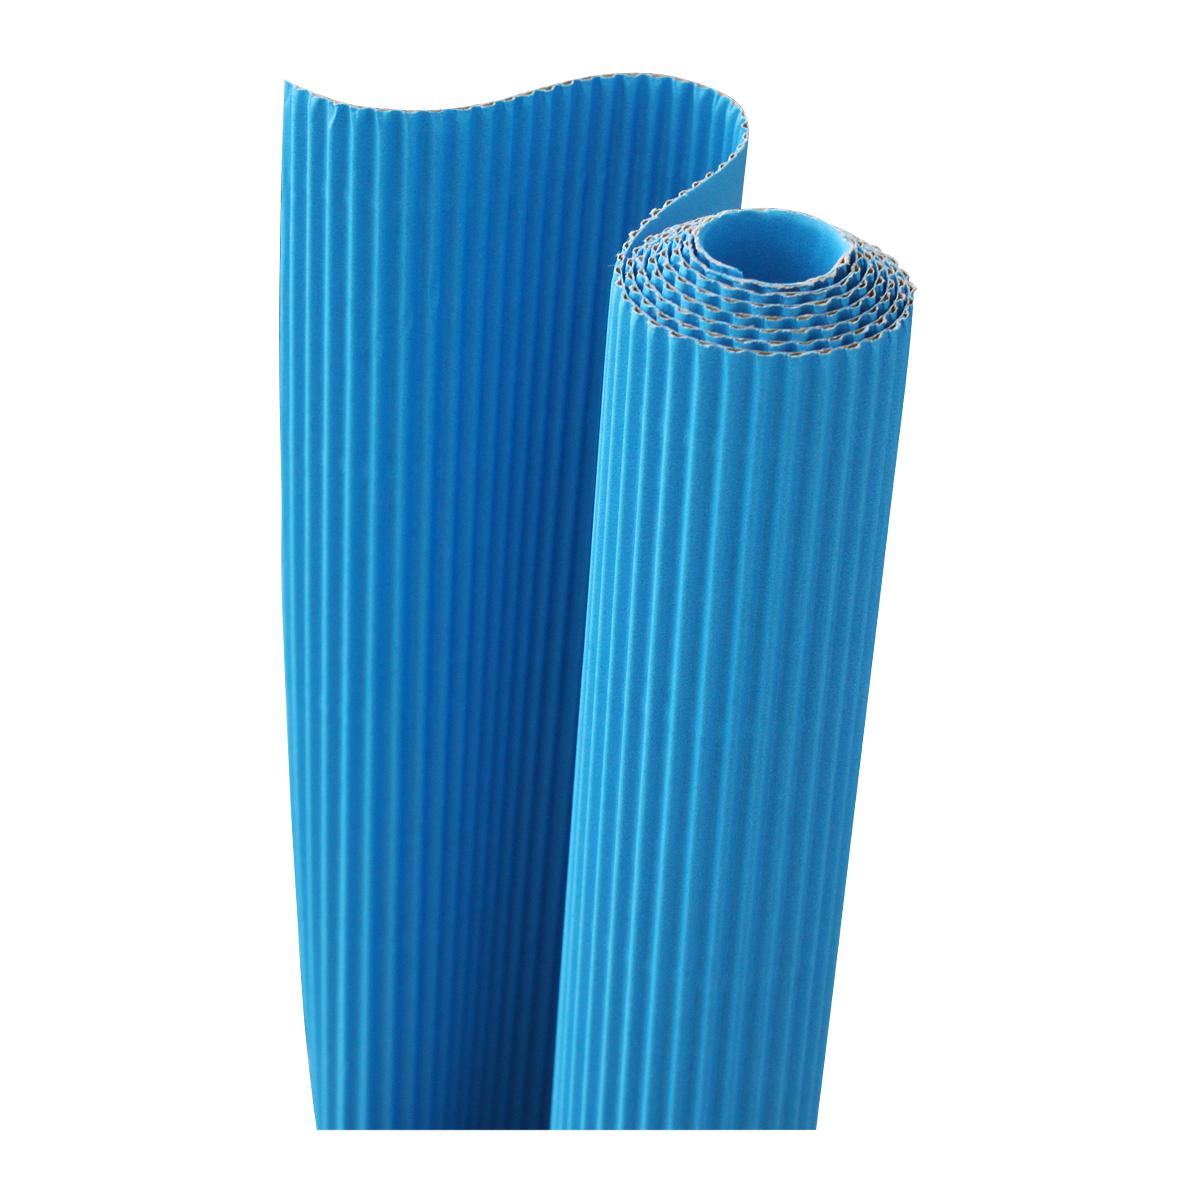 Картон гофрированный Folia, цвет: голубой, 50 х 70 см7710888_33 голубойДвухслойный гофрированный картон Folia в основном применяется для декорирования. Он состоит из одного слоя плоского картона и слоя бумаги, имеющую волнообразную (гофрированную) форму. Отличается малым весом и высокими физическими параметрами.Применение: для дизайнерских и оформительских работ, для декоративного детского творчества. Также такой материал хорошо зарекомендовал себя в качестве упаковочного материала.